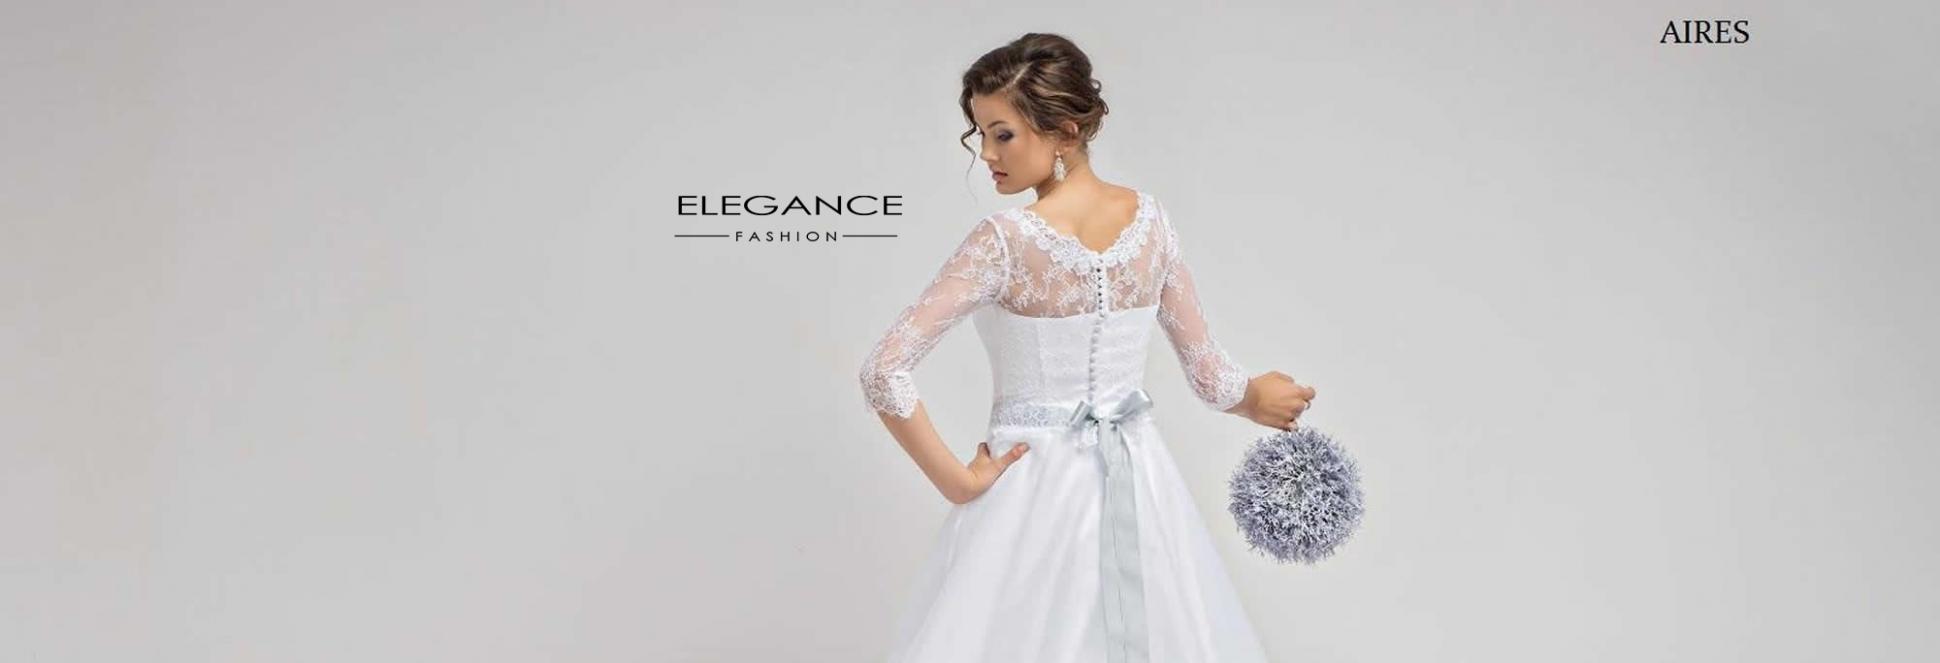 13 Brautkleider Online Shop In 2020 Brautmode Braut Kommunion Kleider